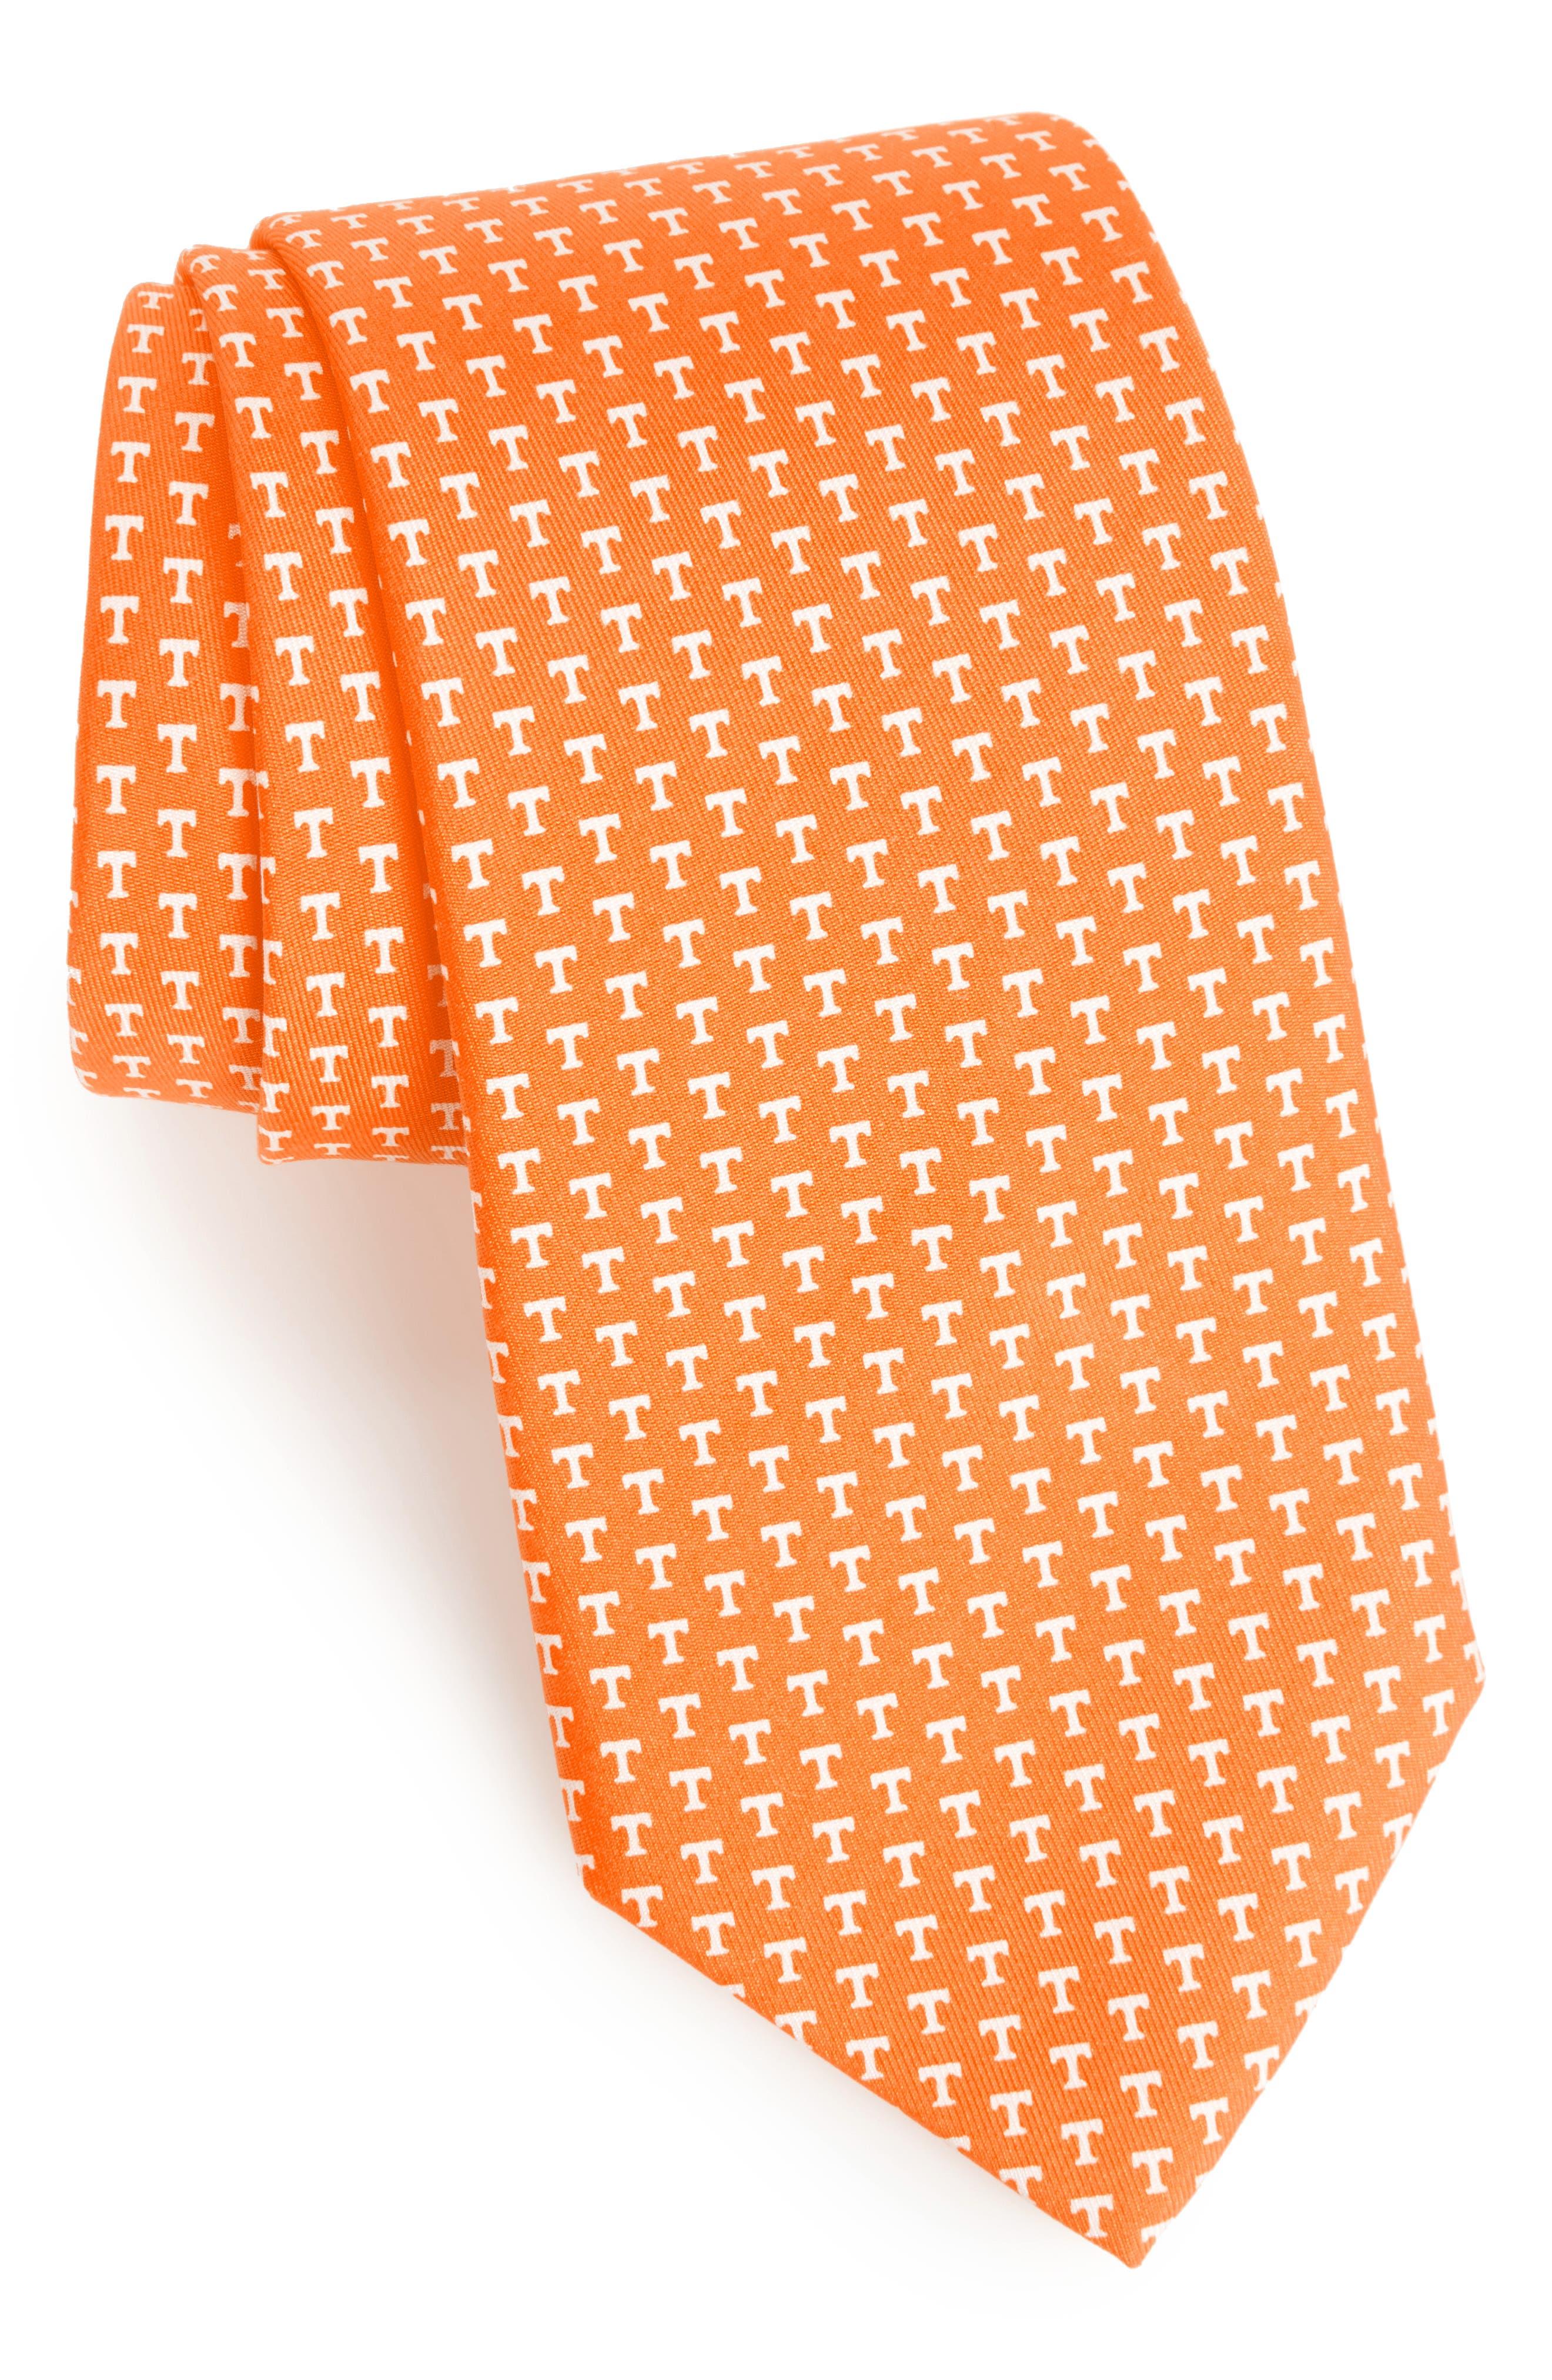 Alternate Image 1 Selected - Vineyard Vines University of Tennessee Silk Tie